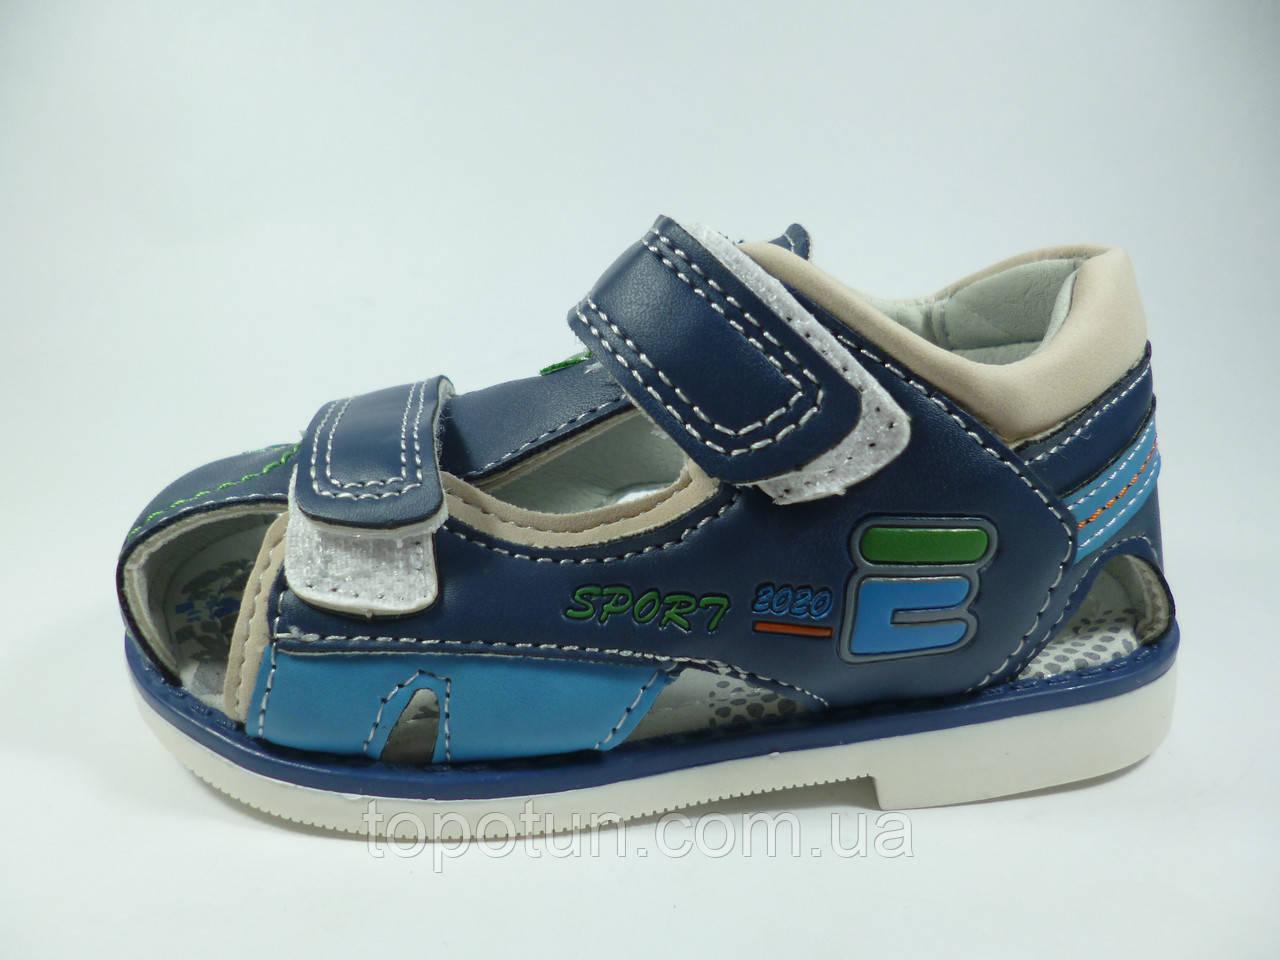 """Детские сандалии для мальчиков """"W.Niko"""" размеры: 21,22,23,24,25,26"""